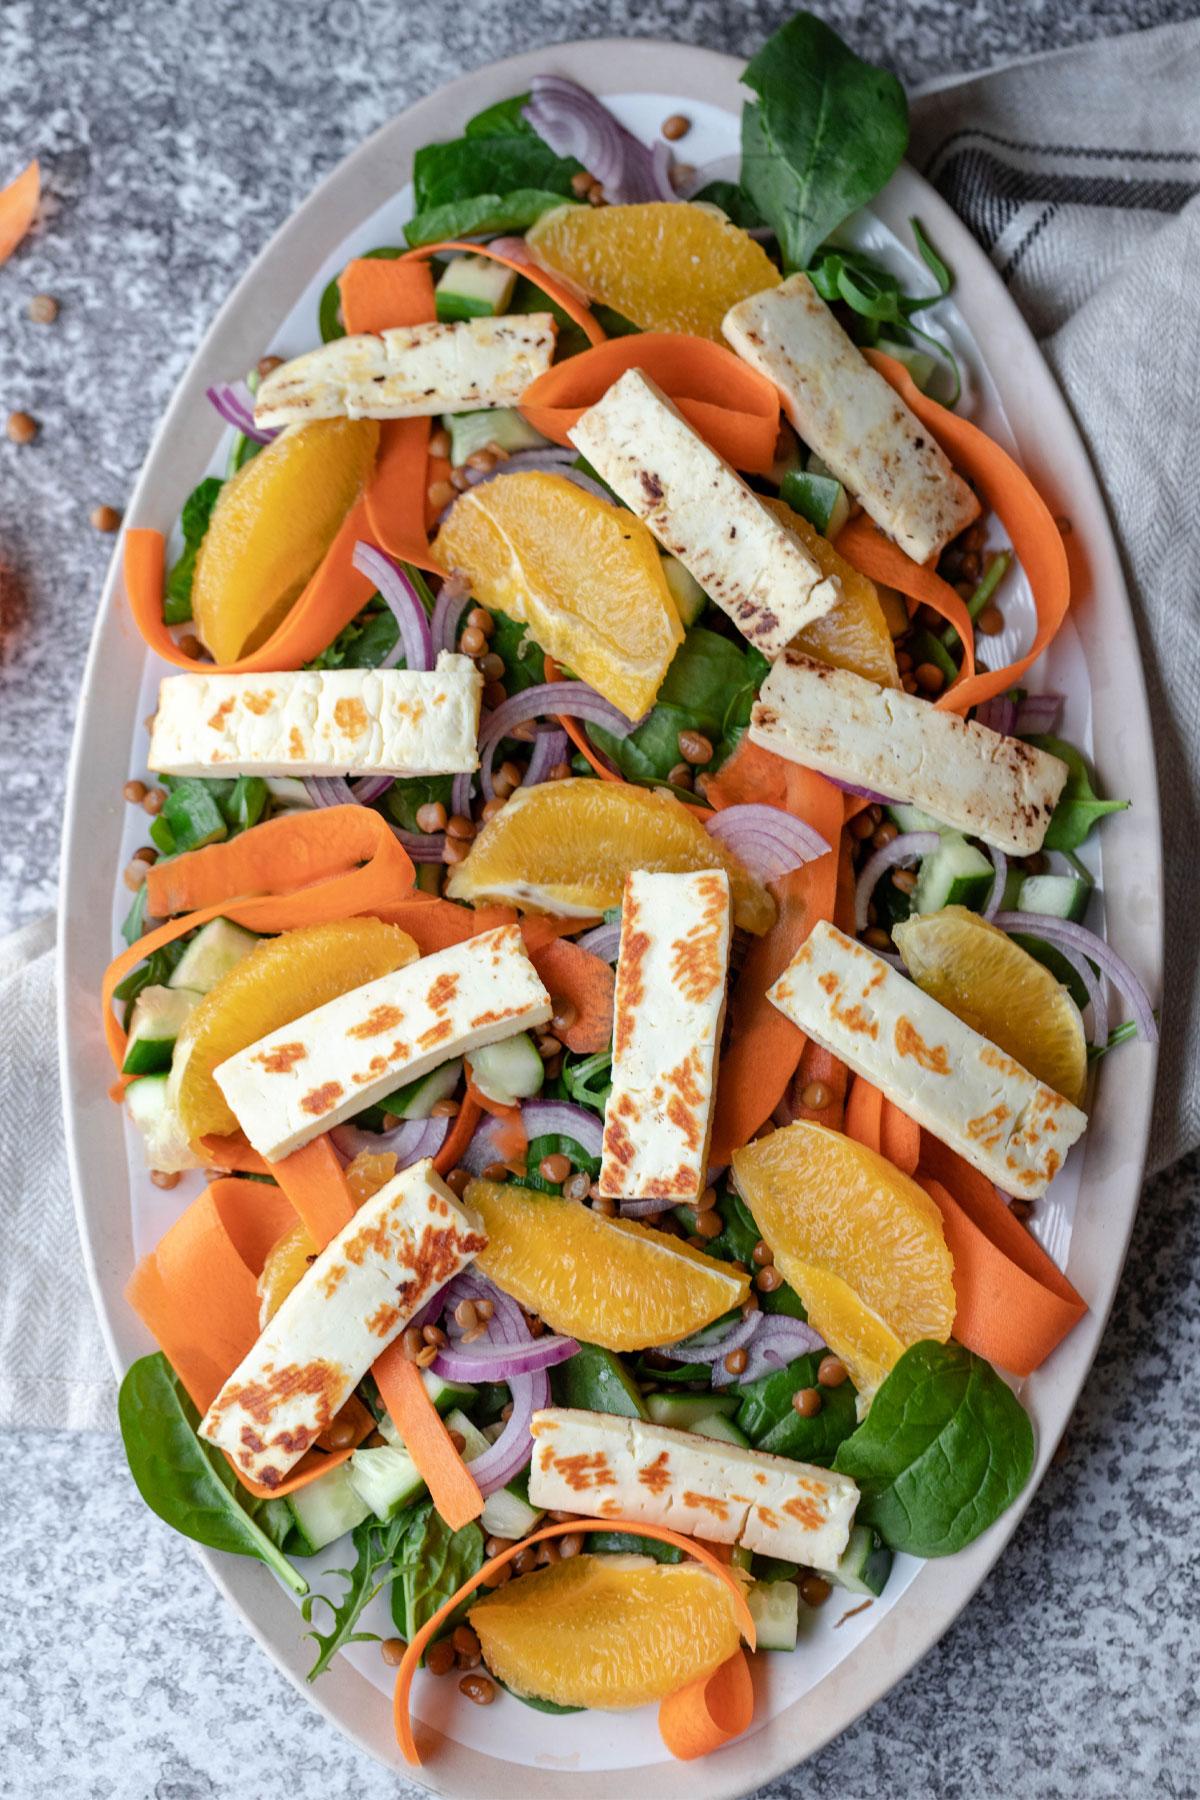 lentil hallloumi salad with no dressing